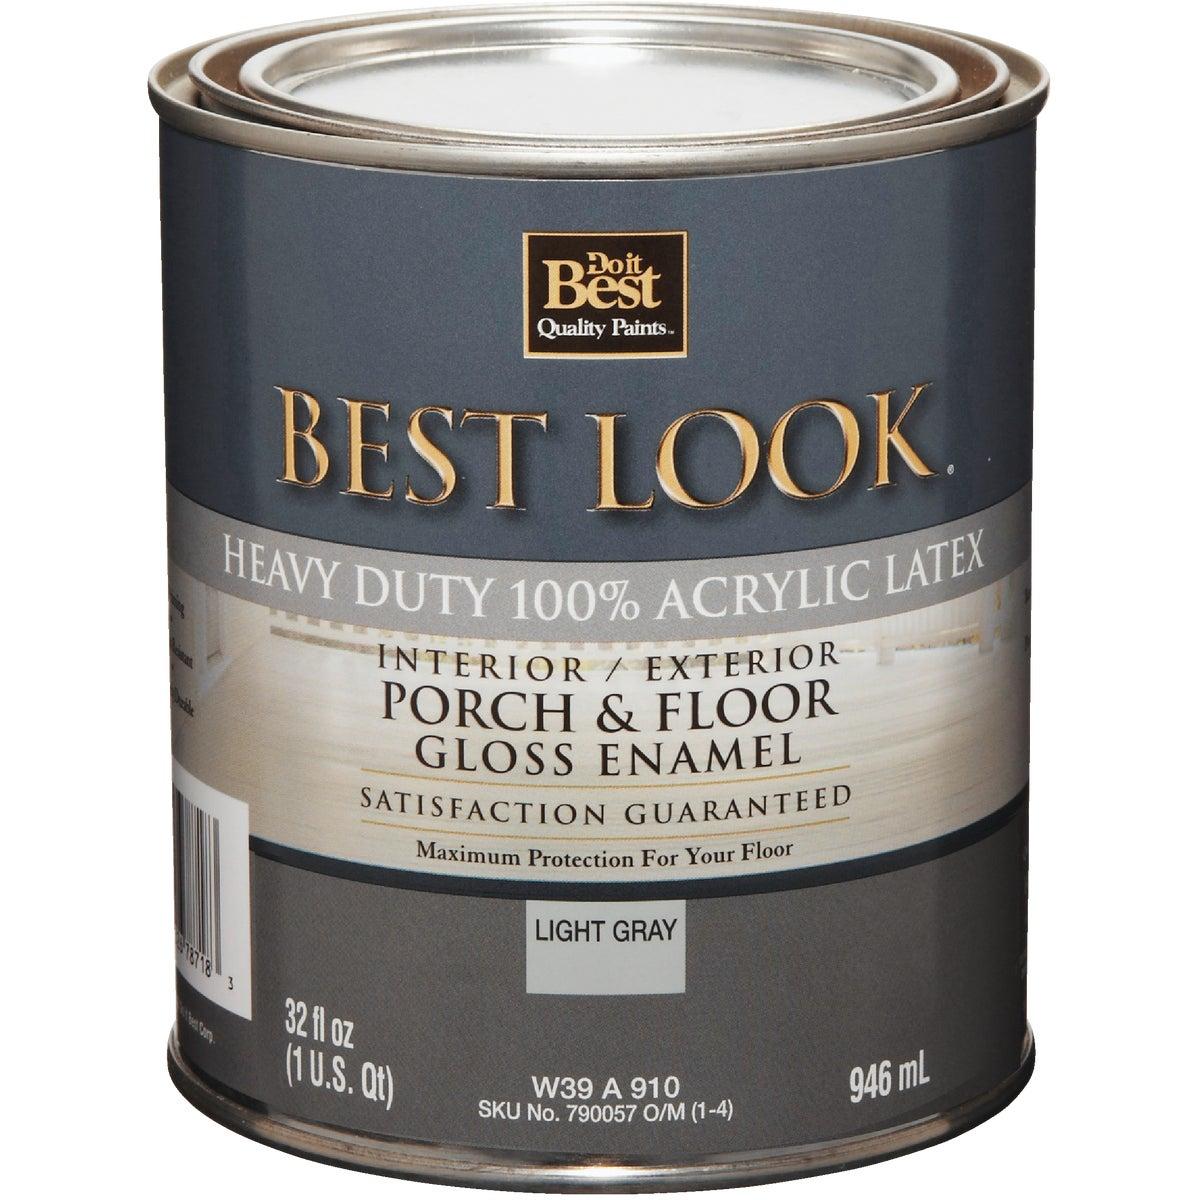 GLS GRAY FLOOR ENAMEL - W39W00910-14 by Do it Best